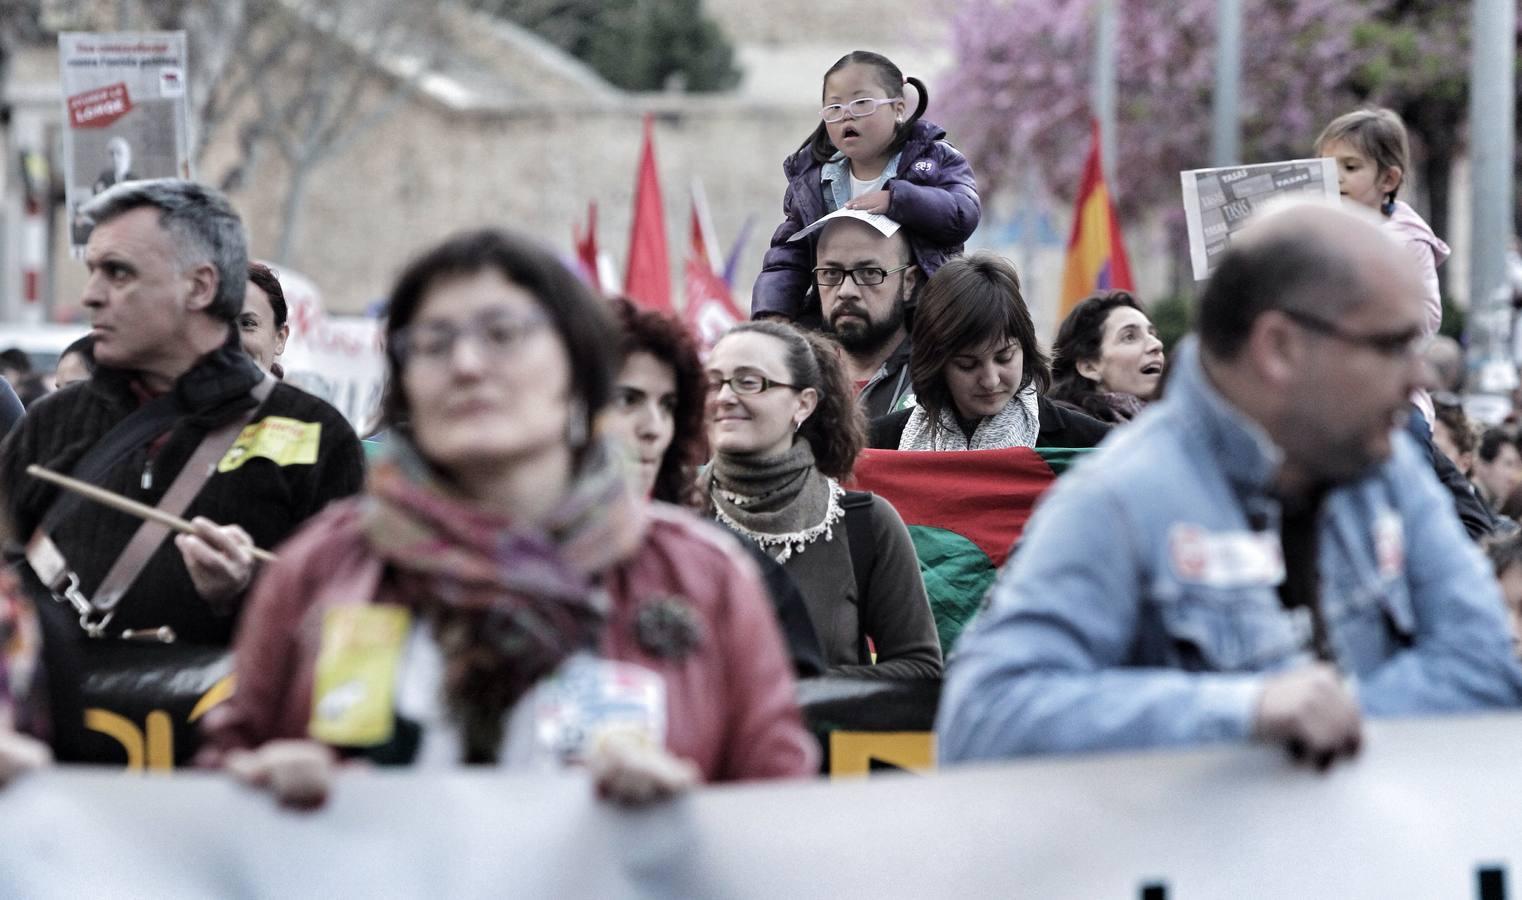 Marcha en Alicante en defensa de la educación pública